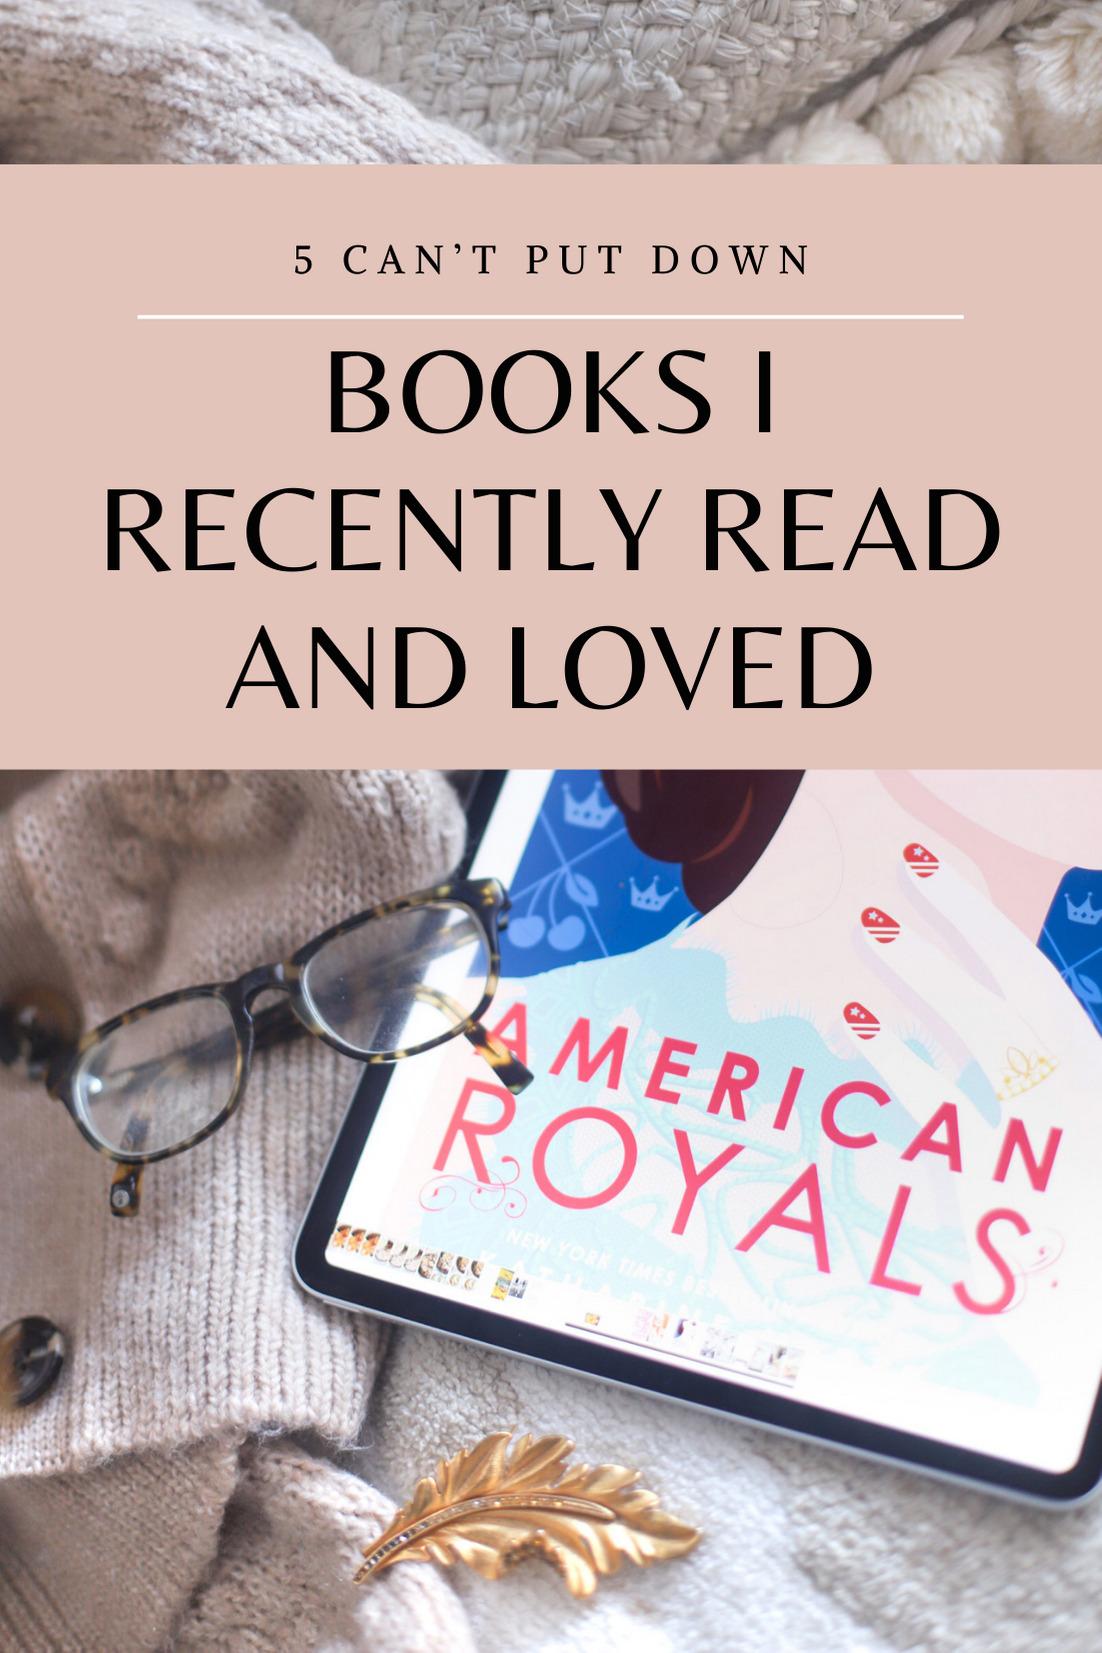 Book Recommendations | @glitterinclexi | GLITTERINC.COM